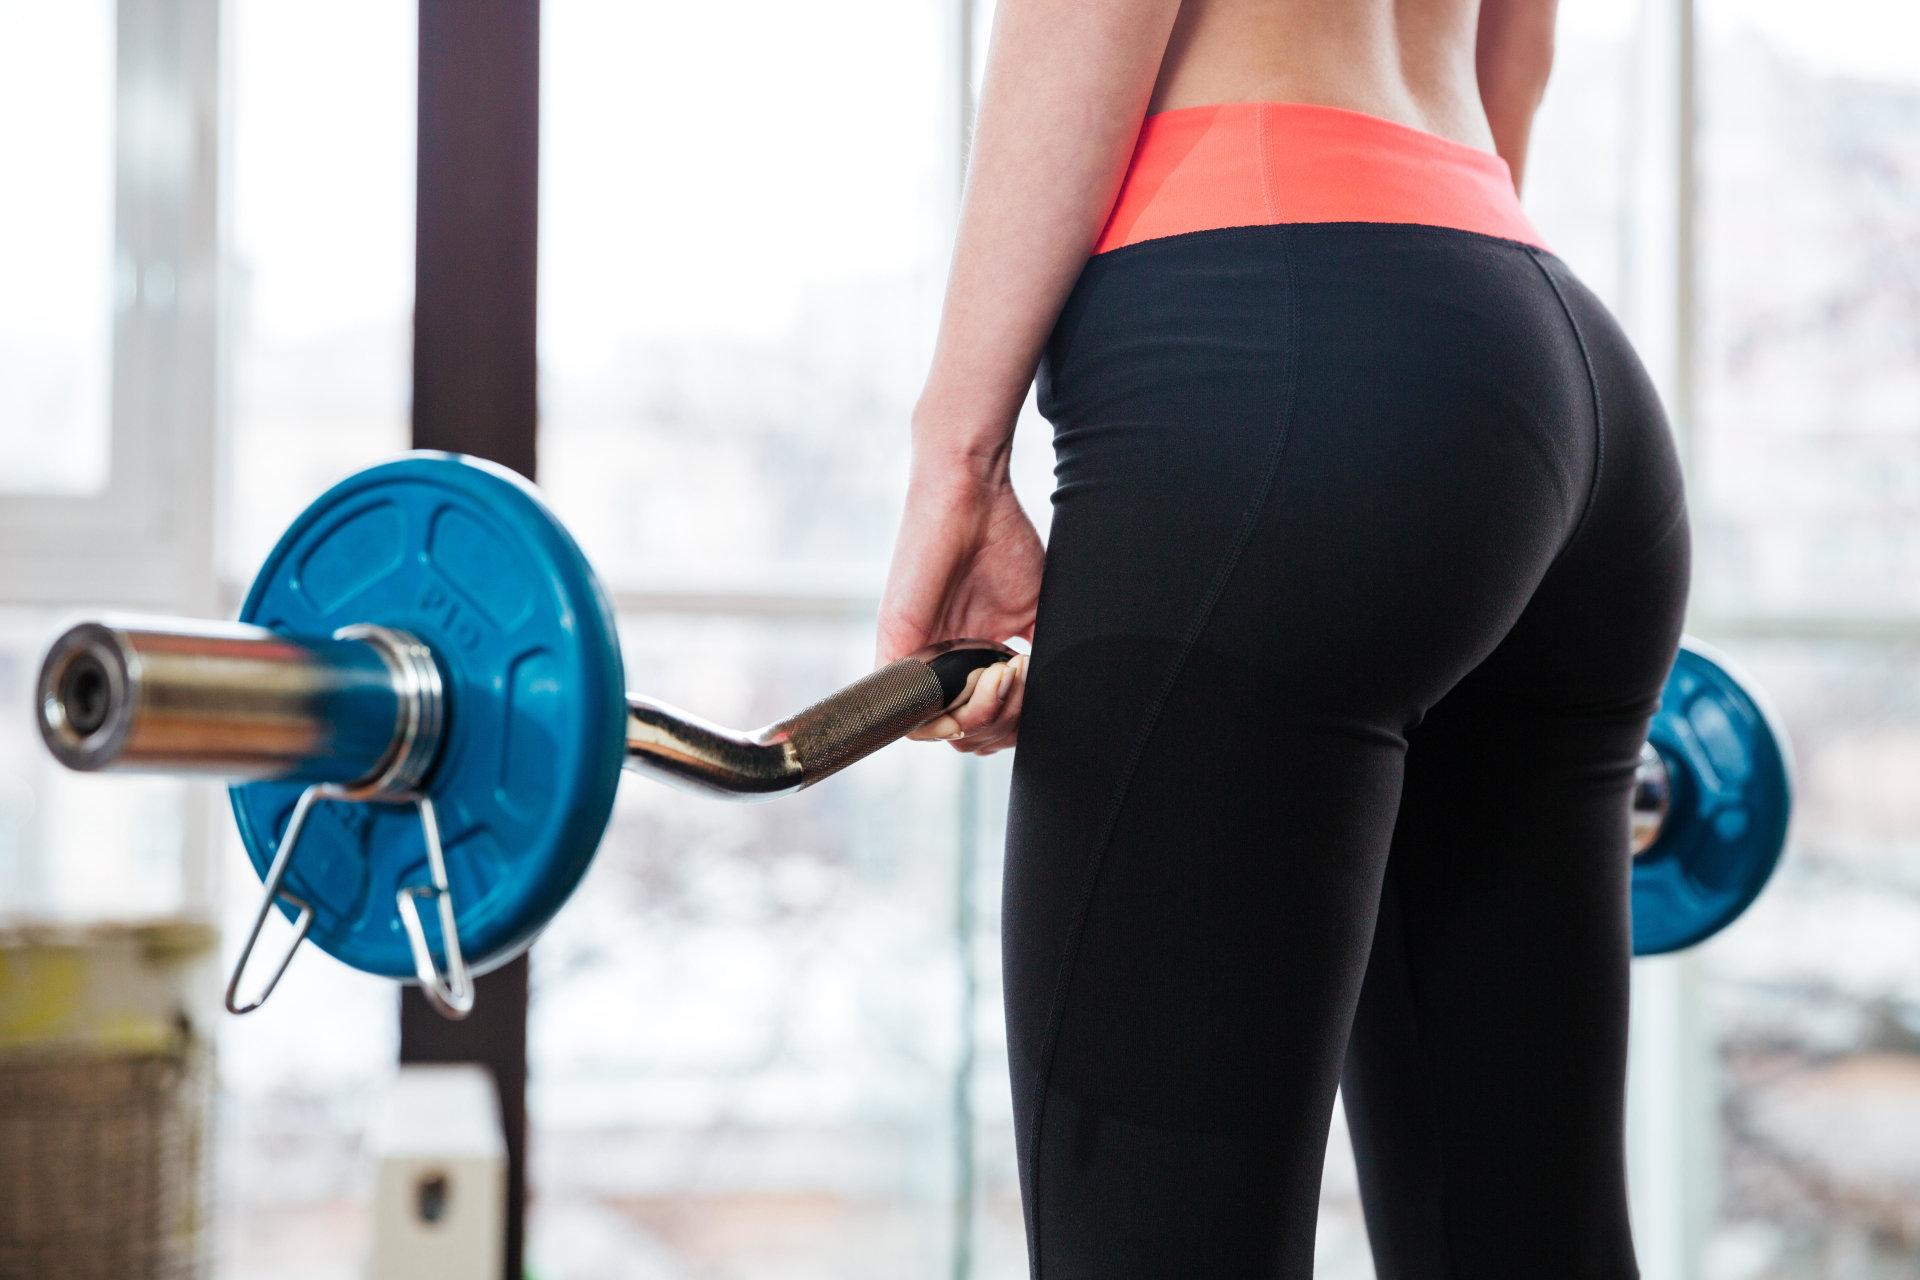 kaip numesti svorio su svoriais moteris